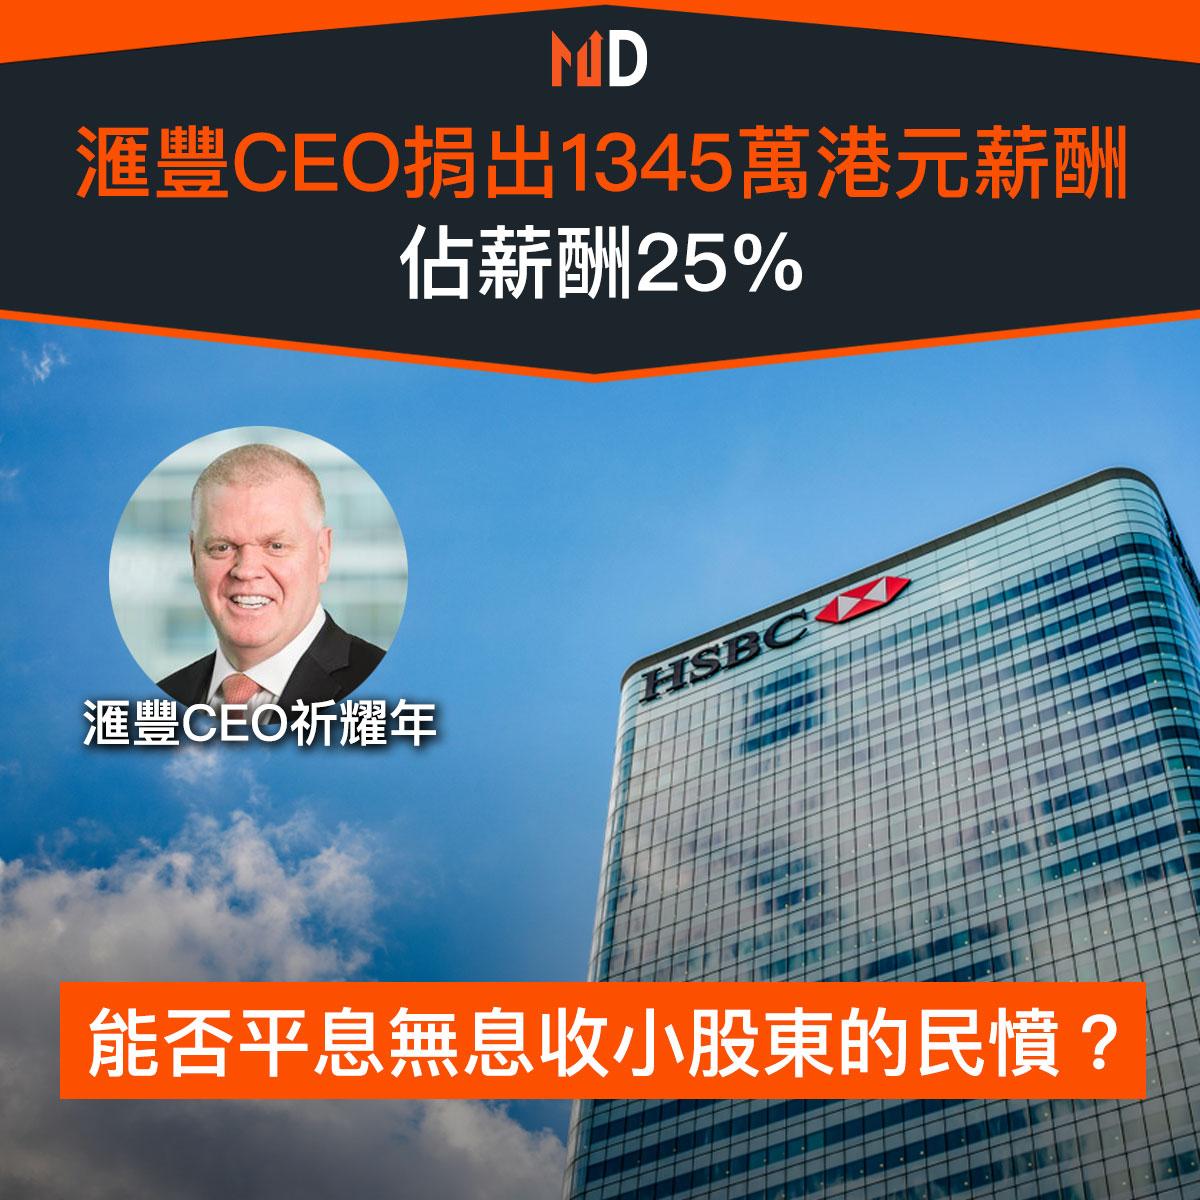 【市場熱話】滙豐CEO祈耀年捐1345萬薪酬,佔薪酬25%